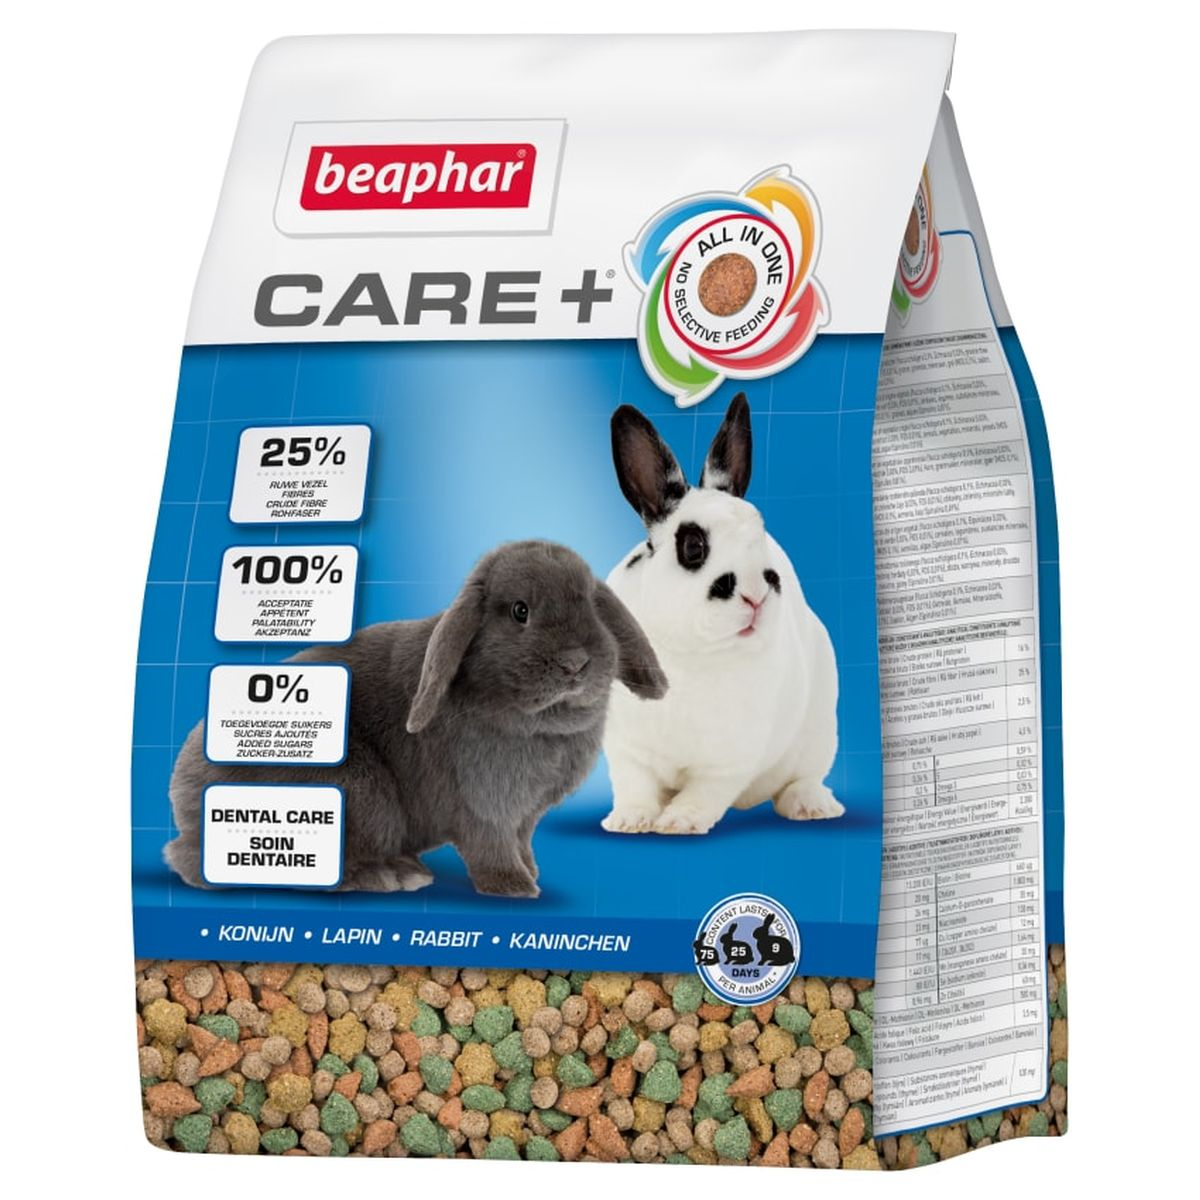 Beaphar - care+ konijn meerkleurig 5 kg